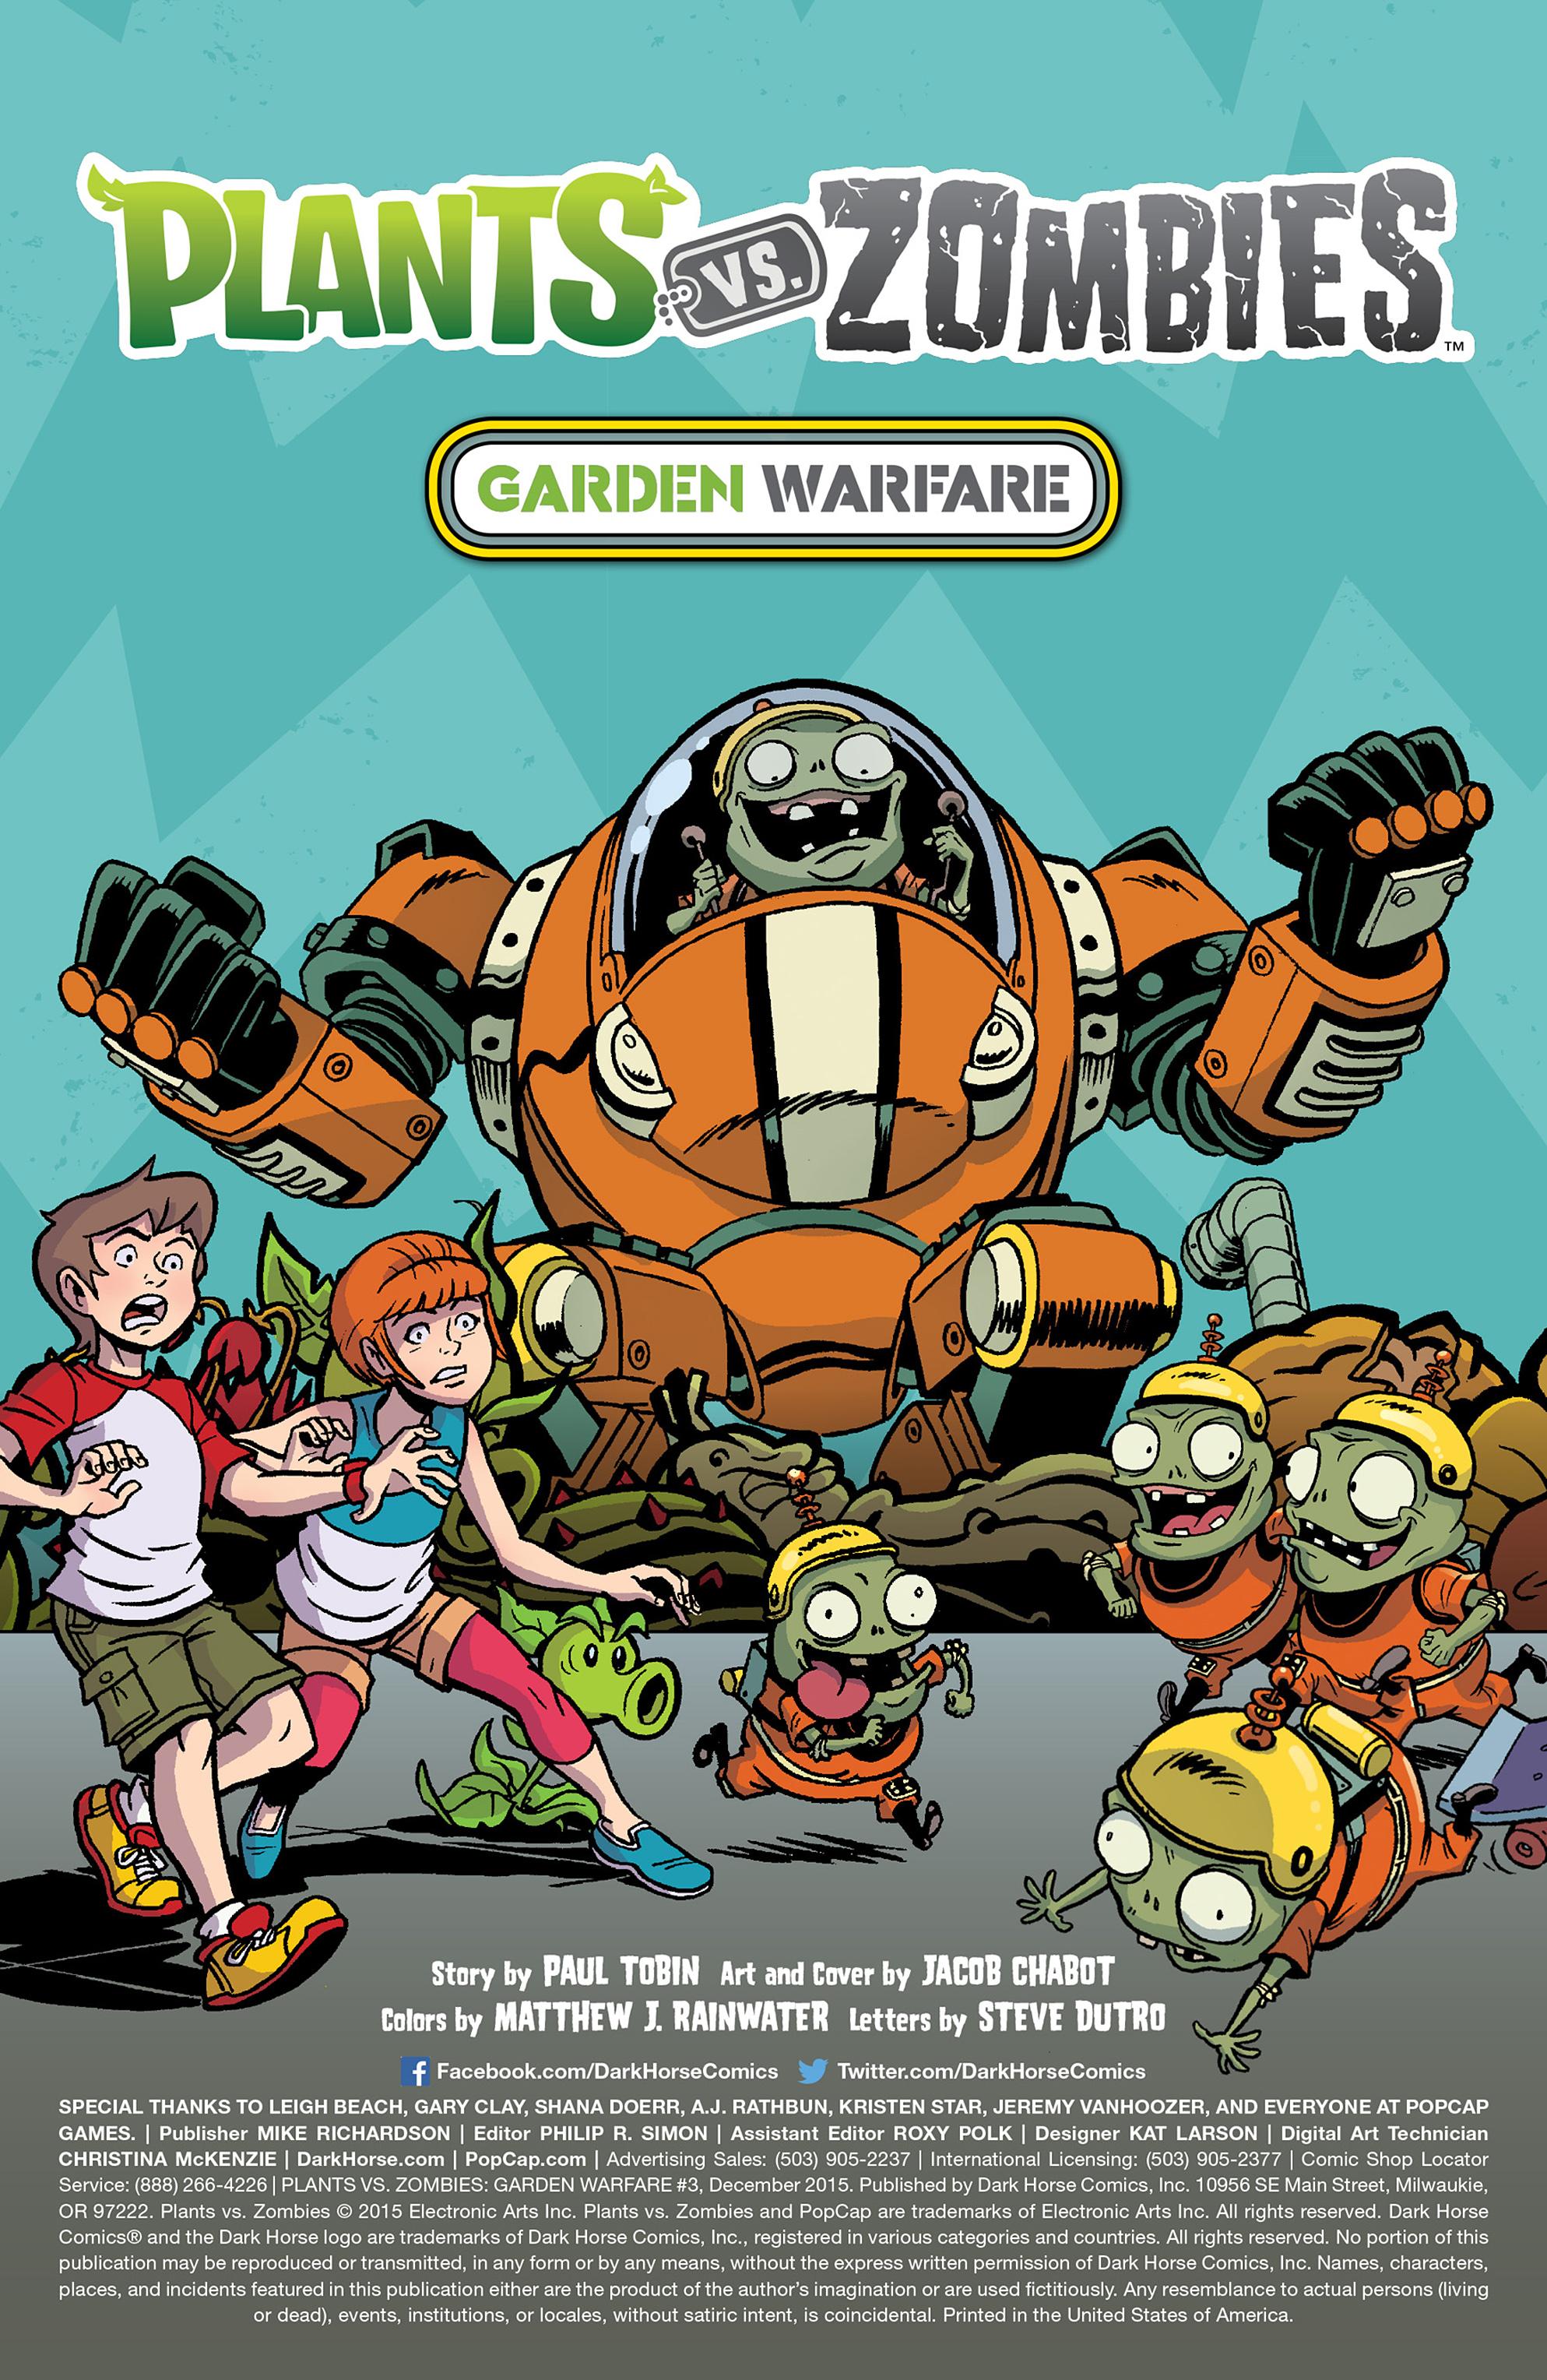 plants vs zombies garden warfare issue 3 - Pvz Garden Warfare 3